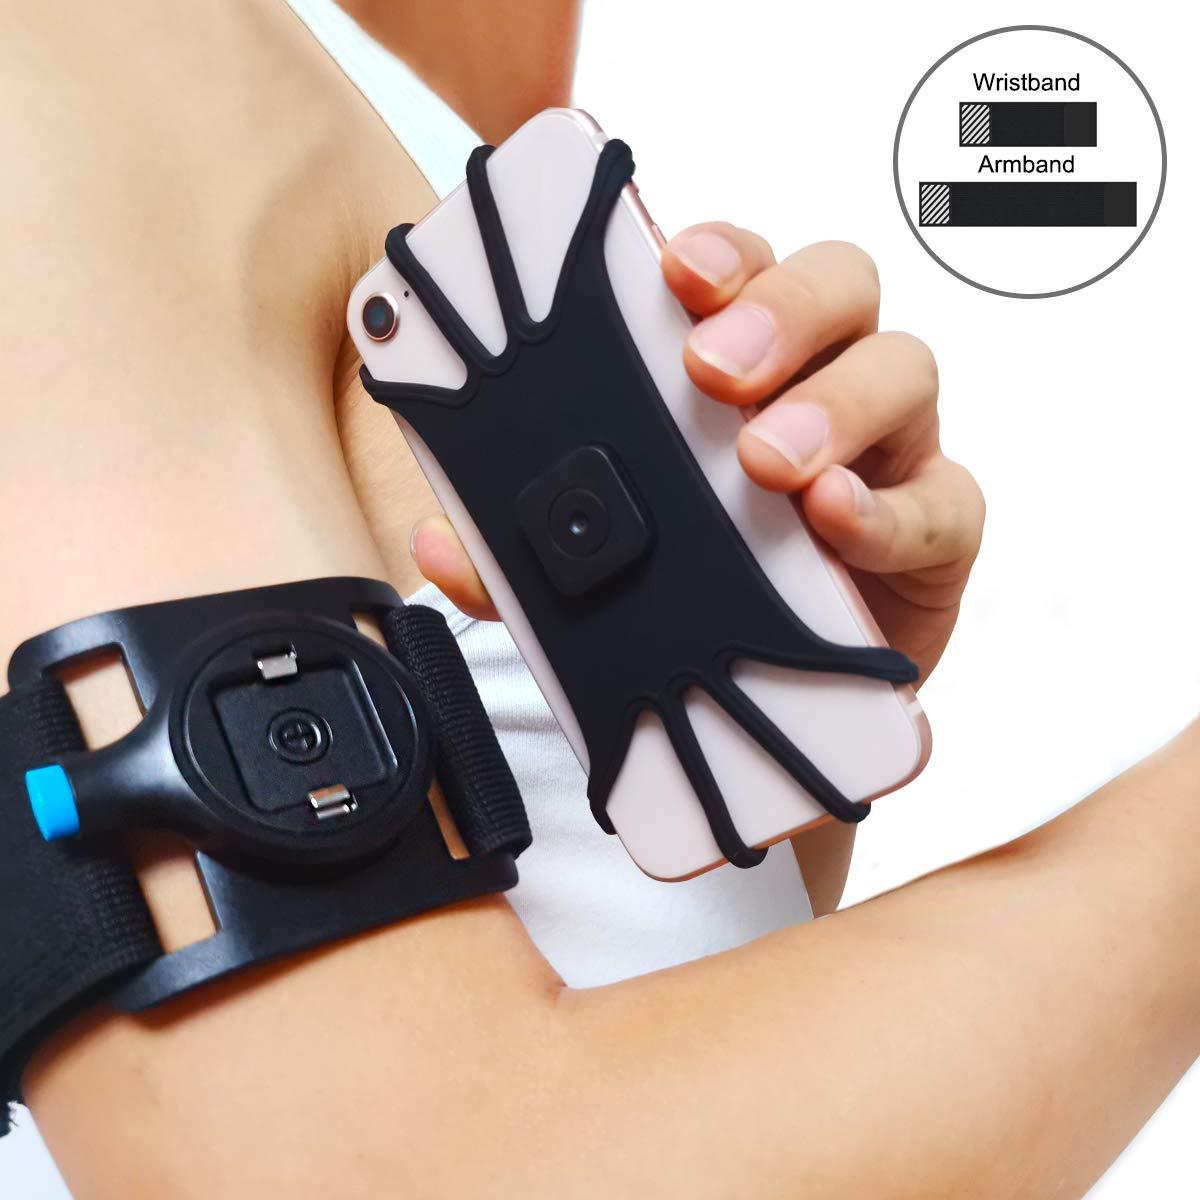 Universal Sport Armband Fall für iPhone Xs Max X XR 8 7 Handgelenk Sport-Arm-Band Mit Schlüssel Halter für 3,5-5,5 inch Telefon